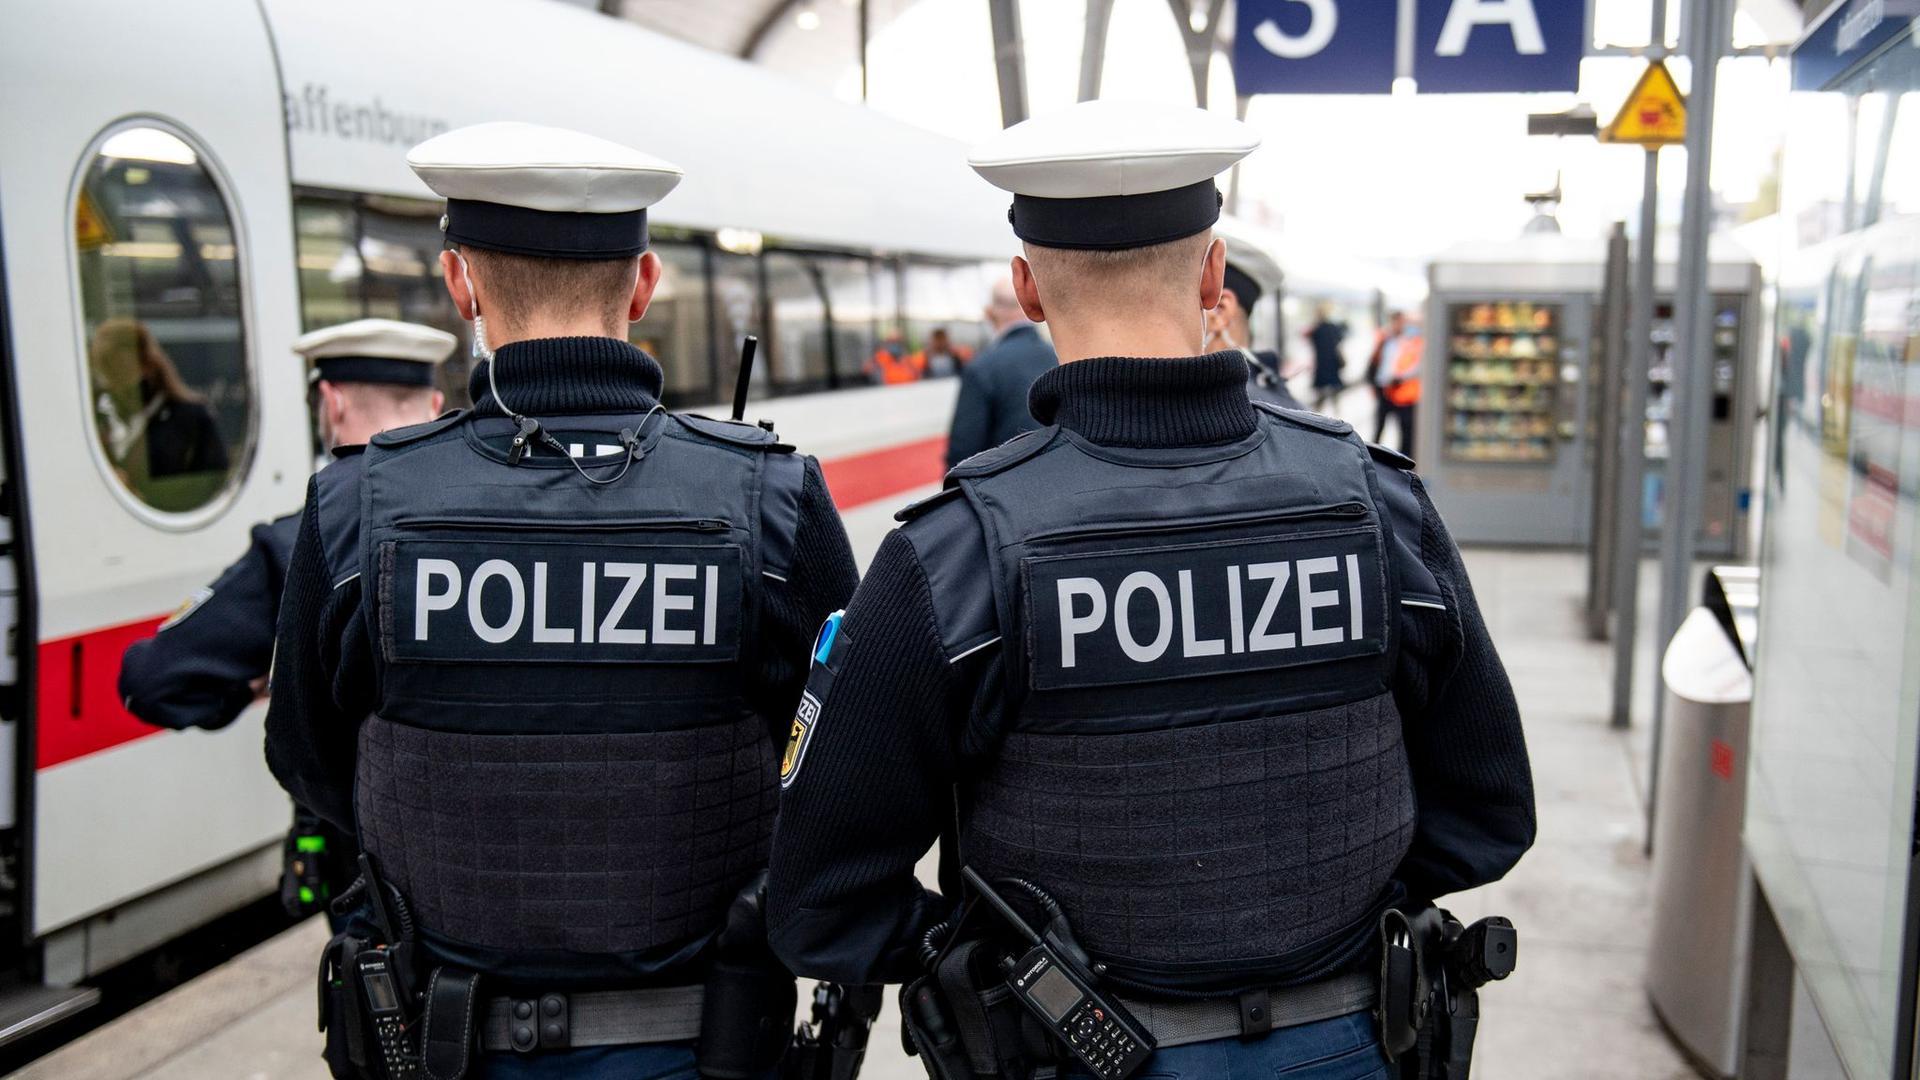 Bundespolizisten stehen vor der Abfahrt eines ICE an einem Gleis im Kieler Hauptbahnhof. In den Zügen der Deutschen Bahn wird die Mund-Nase-Bedeckungspflicht kontrolliert.